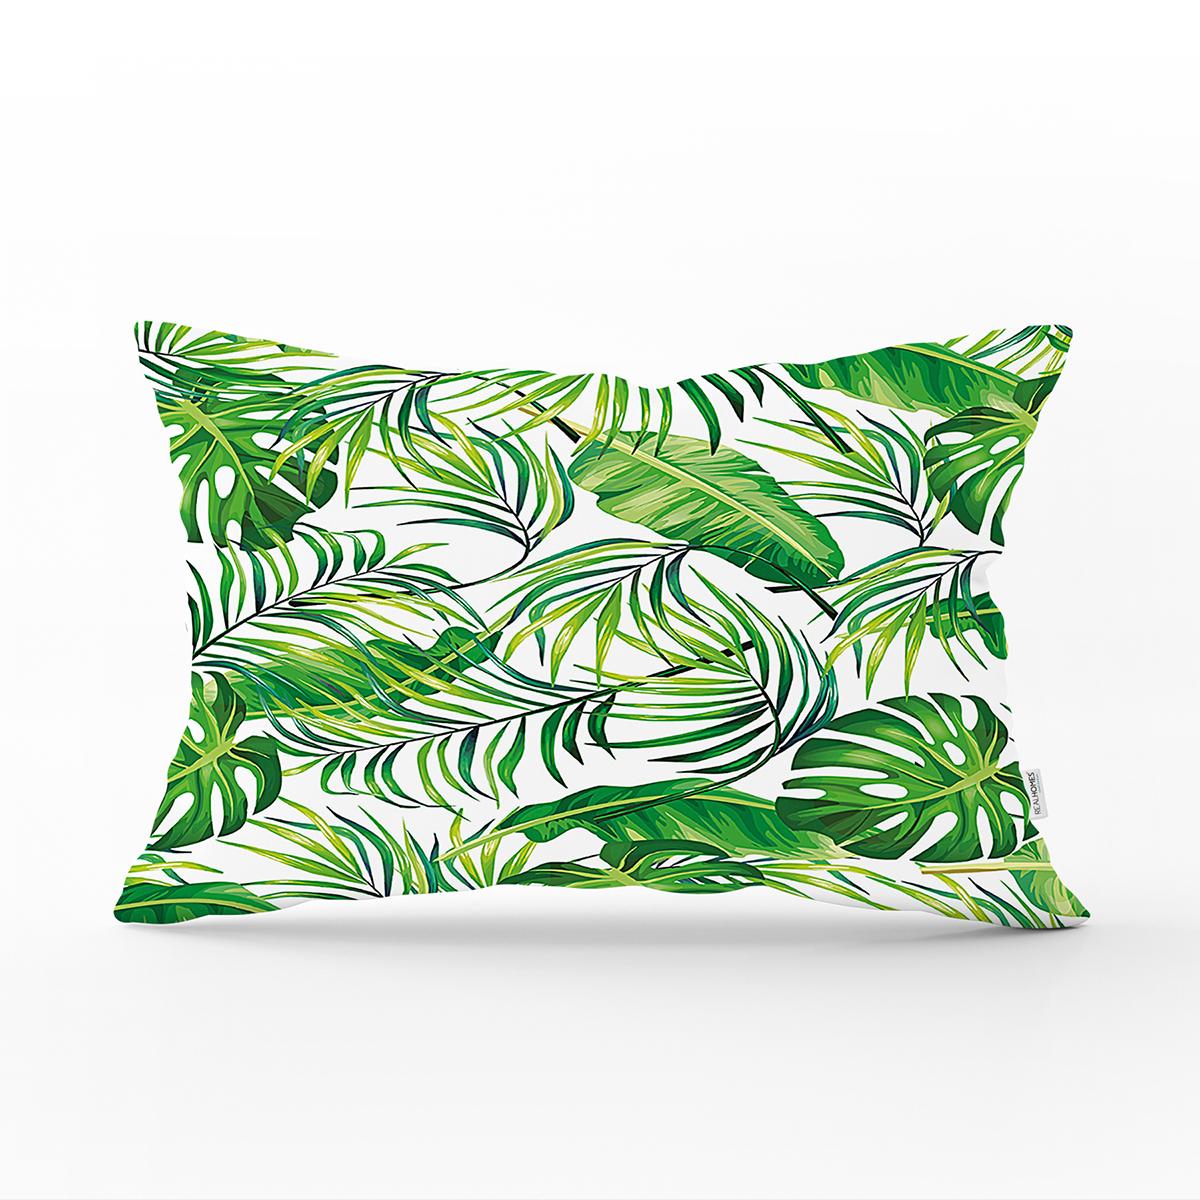 Beyaz Zeminde Yeşil Yapraklar Tasarımlı Modern Dikdörtgen Yastık Kırlent Kılıfı Realhomes